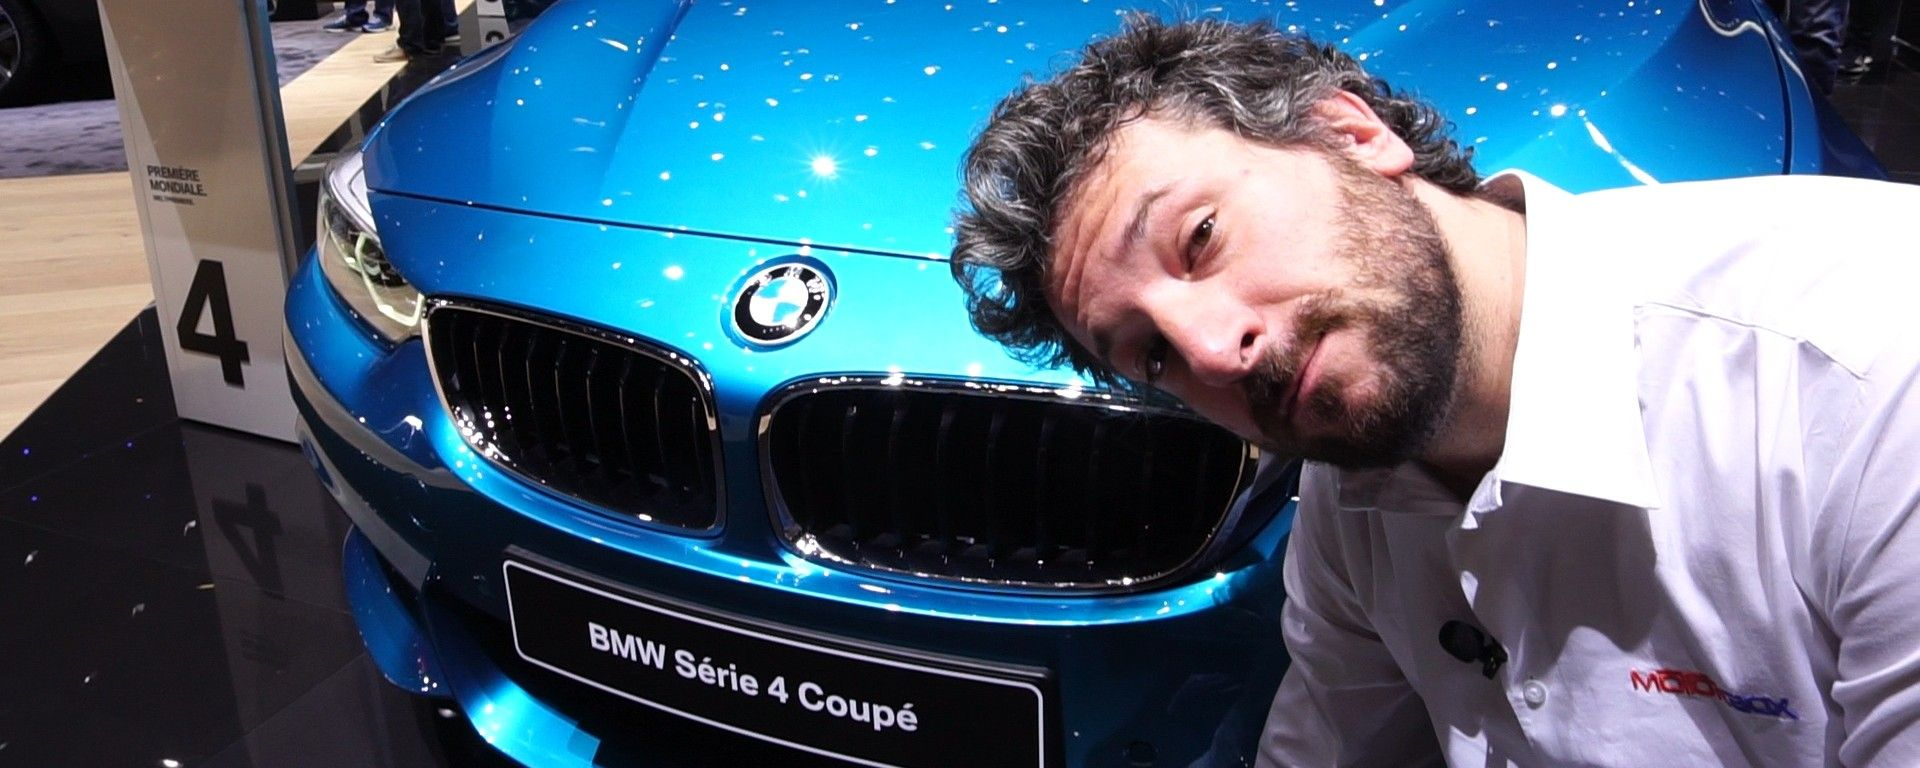 BMW Serie 4 Coupé 2017, Salone di Ginevra 2017, live dallo stand